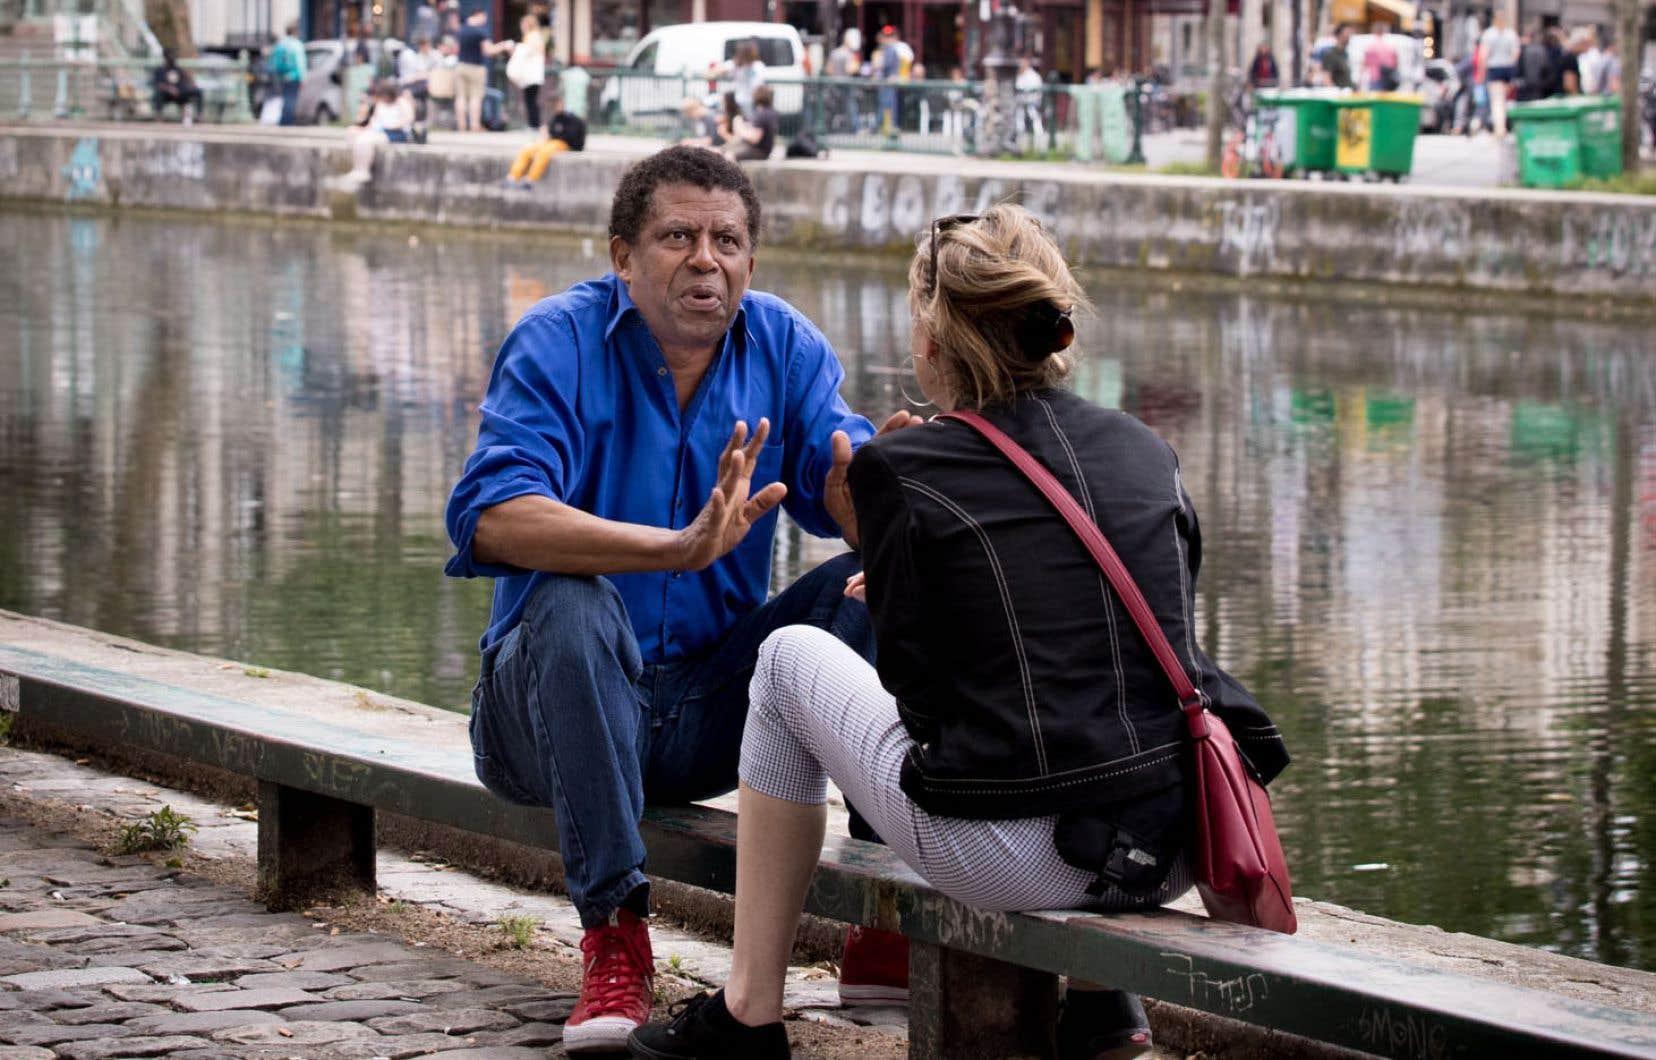 «Rien n'est plus excitant qu'une nouvelle ville, un roman infini.» Dany Laferrière, nomade dans son milieu naturel, au canal Saint-Martin dans le 10e arrondissement parisien.